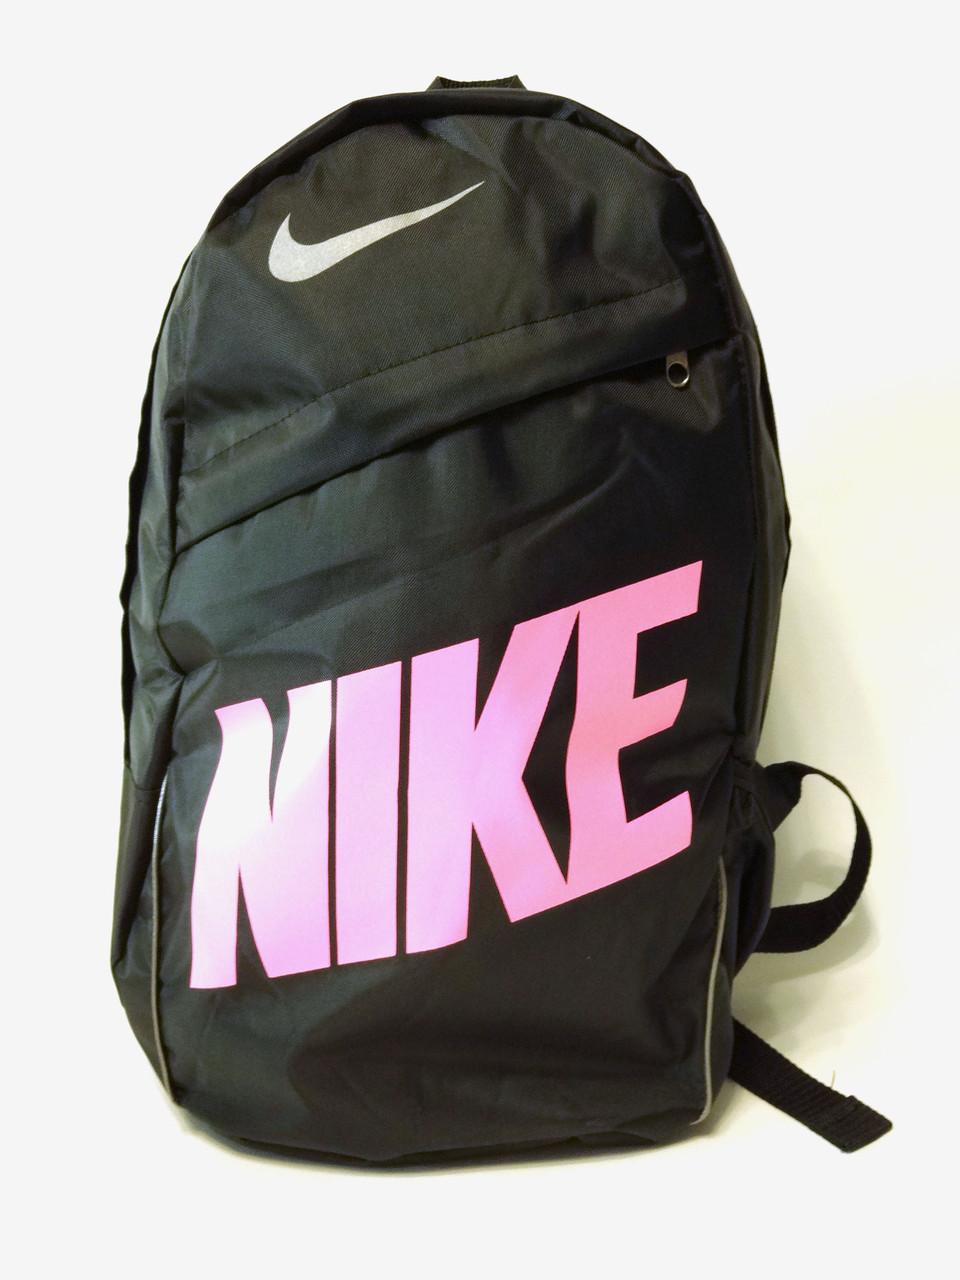 Спортивный рюкзак портфель Nike (Найк) молодежный. Черный с розовым принтом